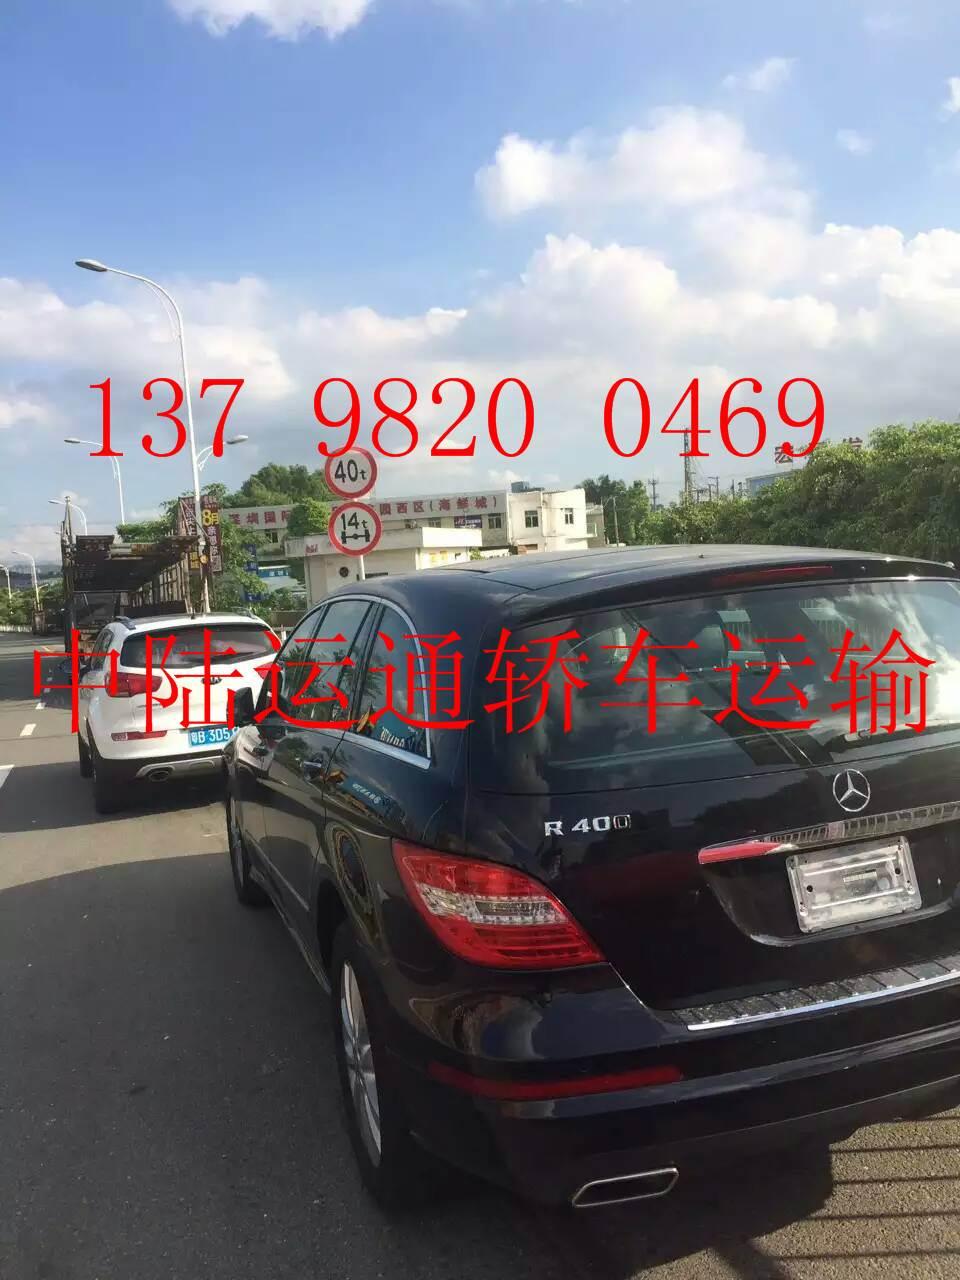 深圳到锦州托运一台轿车,需要多少钱